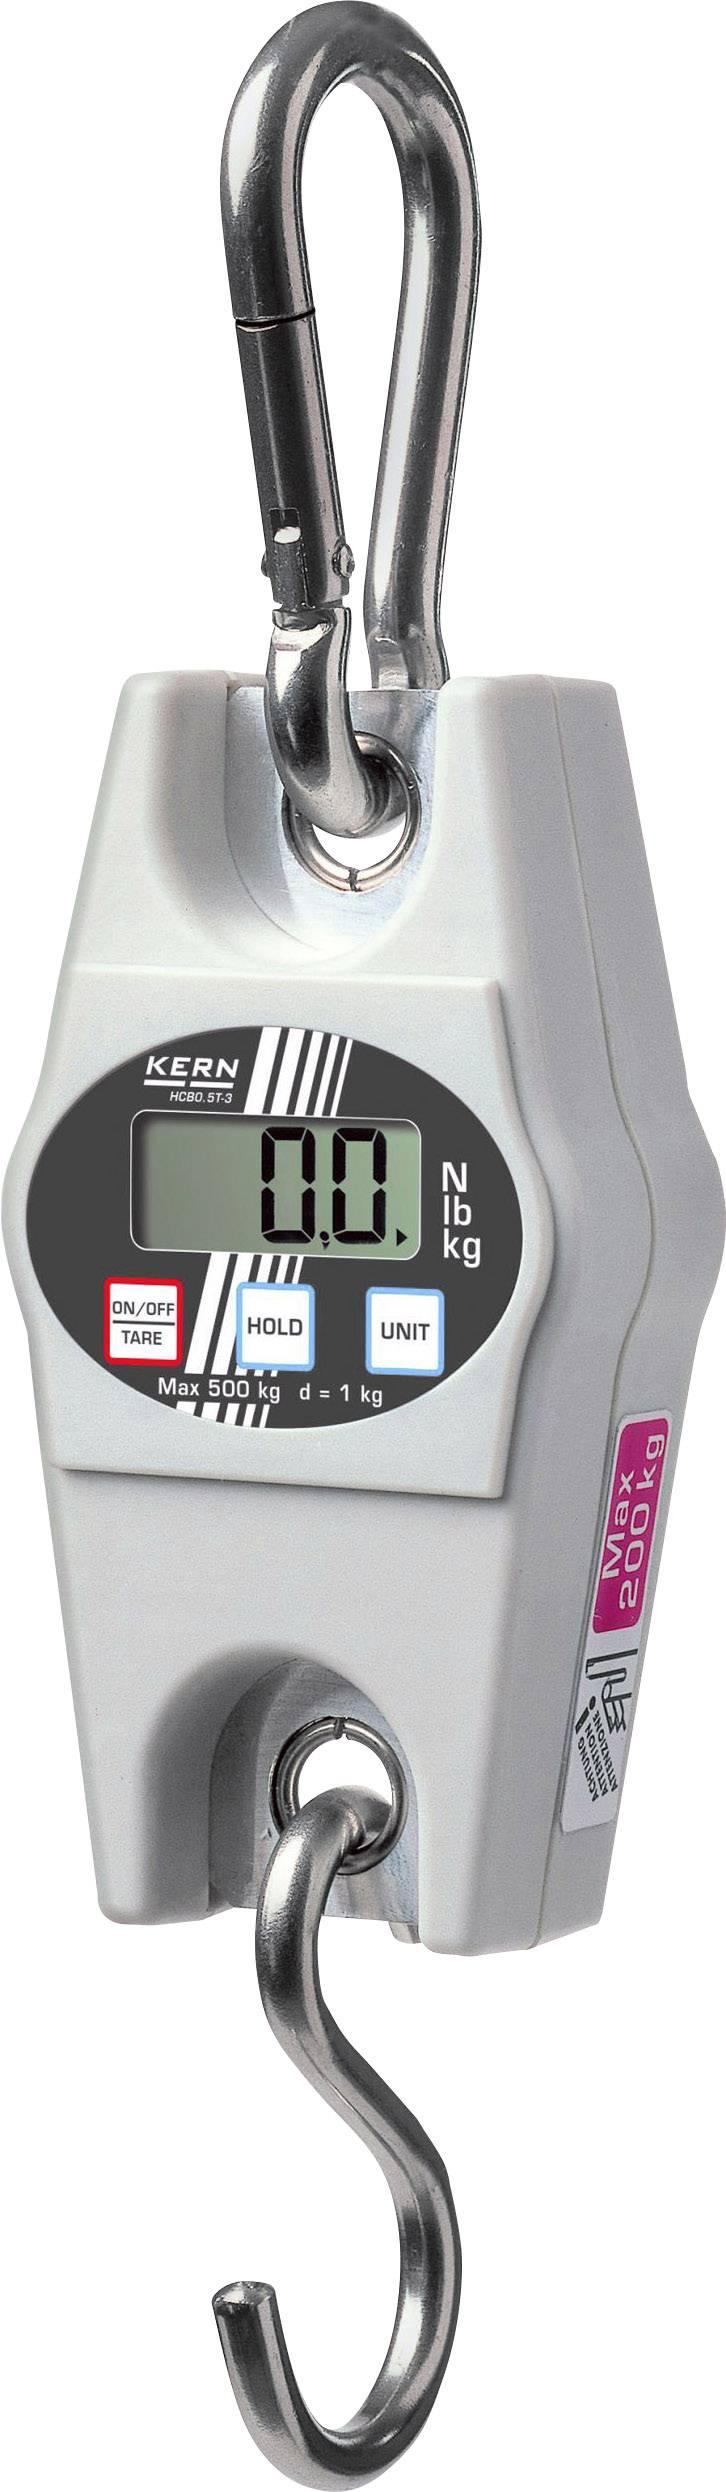 Závěsná váha Kern HCB 200 kg